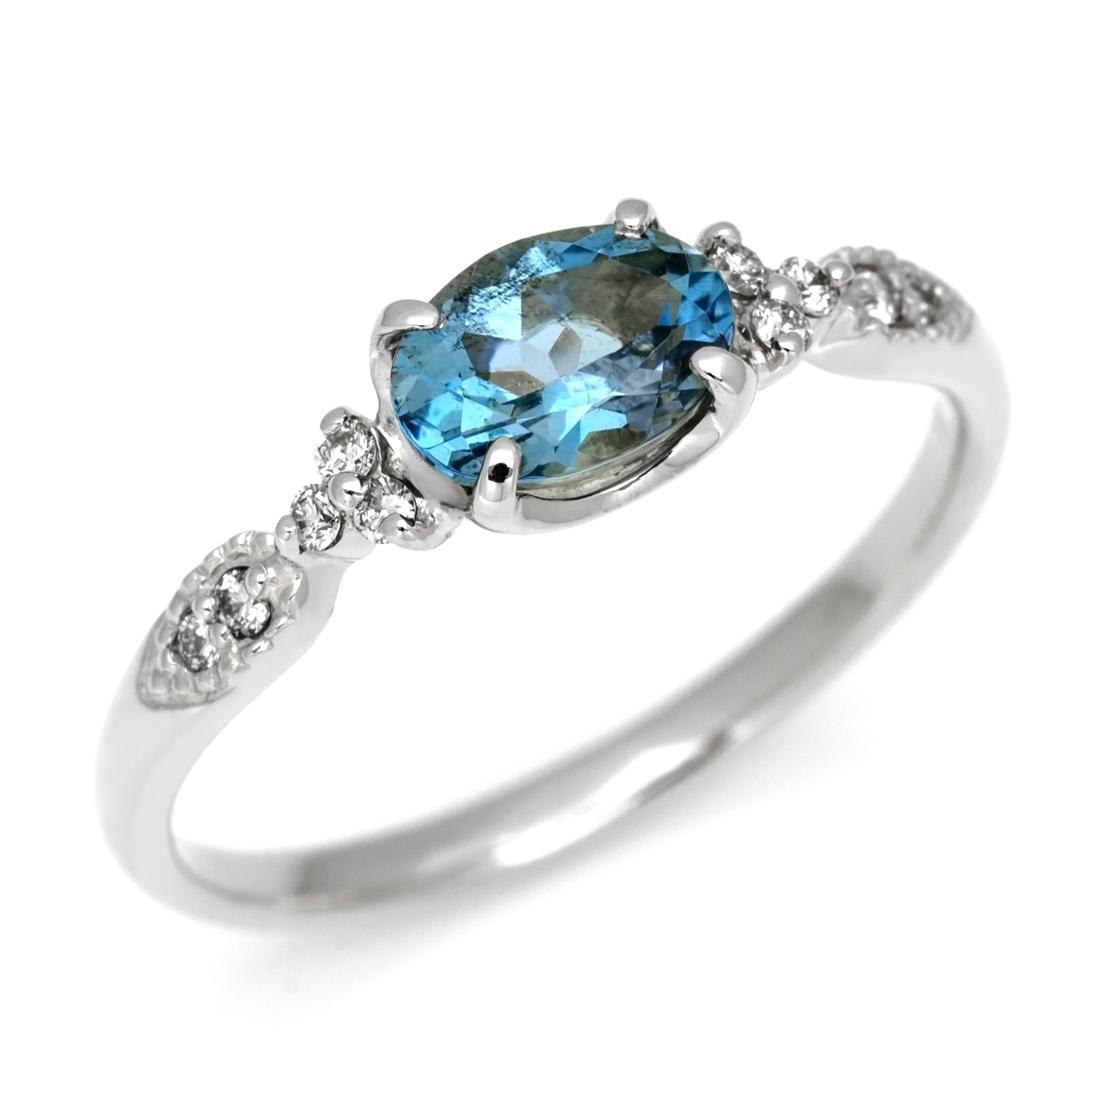 【GWクーポン配布中】K18 サンタマリアアクアマリン ダイヤモンド リング 「amanza」送料無料 指輪 18K 18金 アクワマリン ダイアモンド 誕生日 3月誕生石 文字入れ 刻印 ピンキーリング対応可能 メッセージ ギフト 贈り物